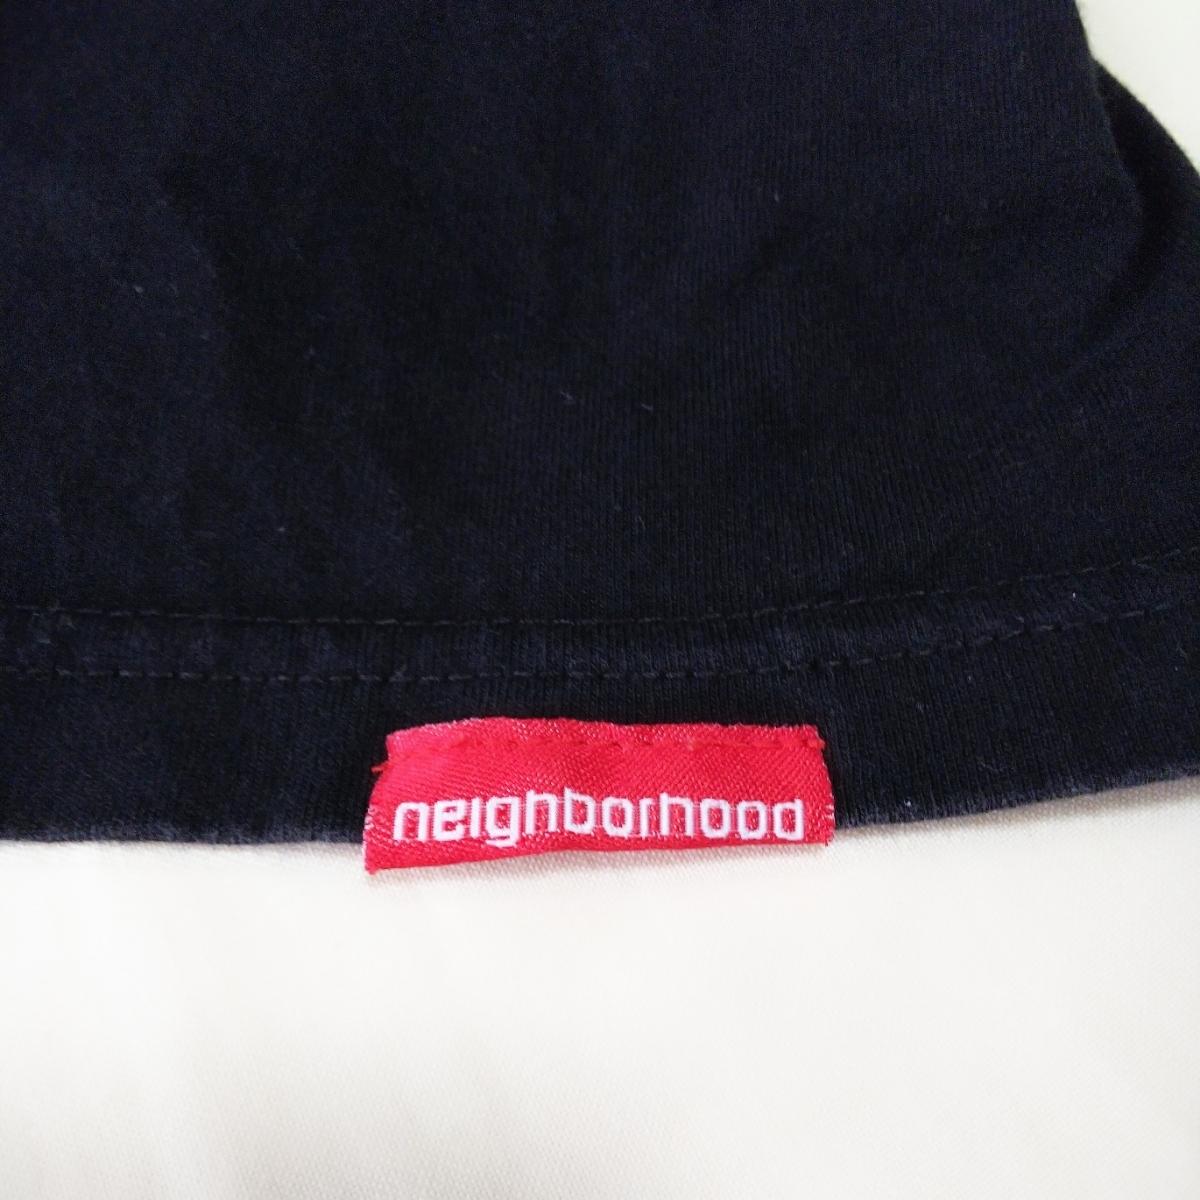 PV9 NEIGHBORHOOD ネイバーフッド メンズ M 半袖 Tシャツ 黒 ブラック ロゴ_画像5